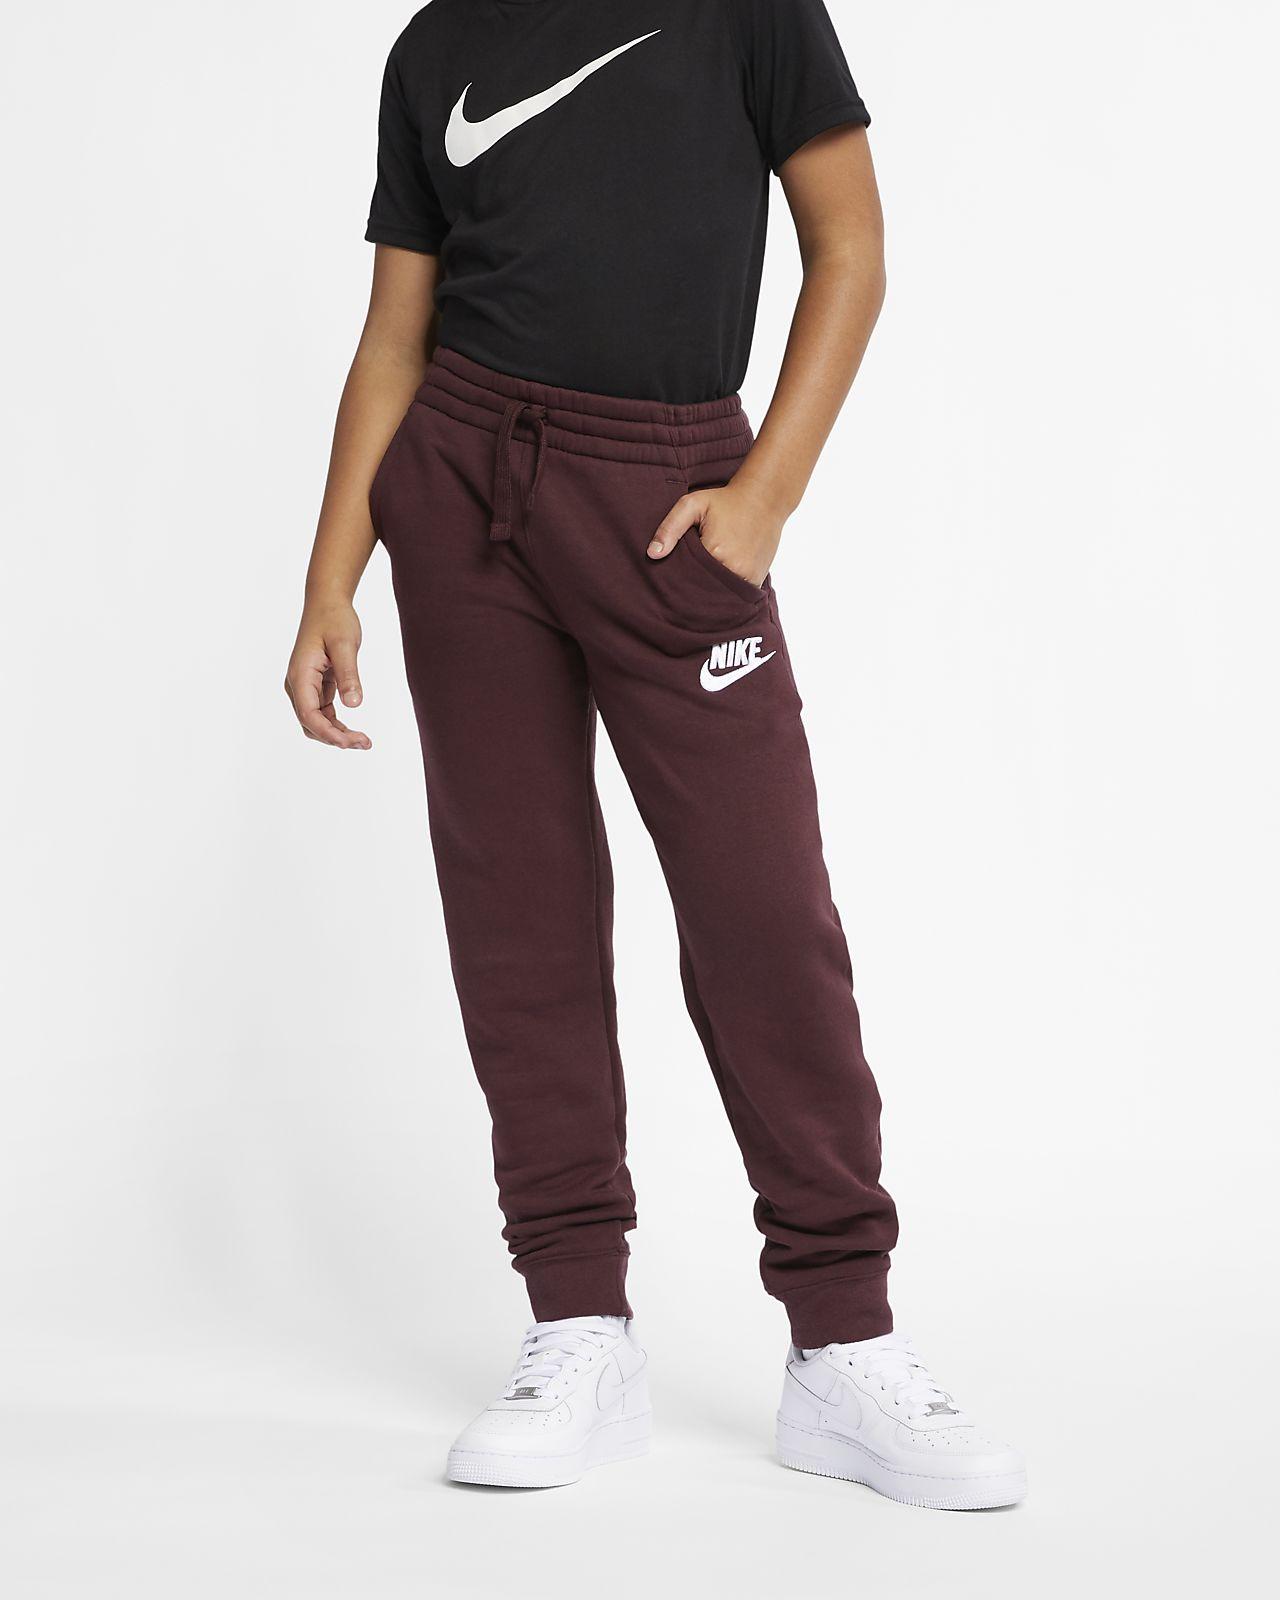 Nike Sportswear Older Kids' (Boys') Fleece Joggers